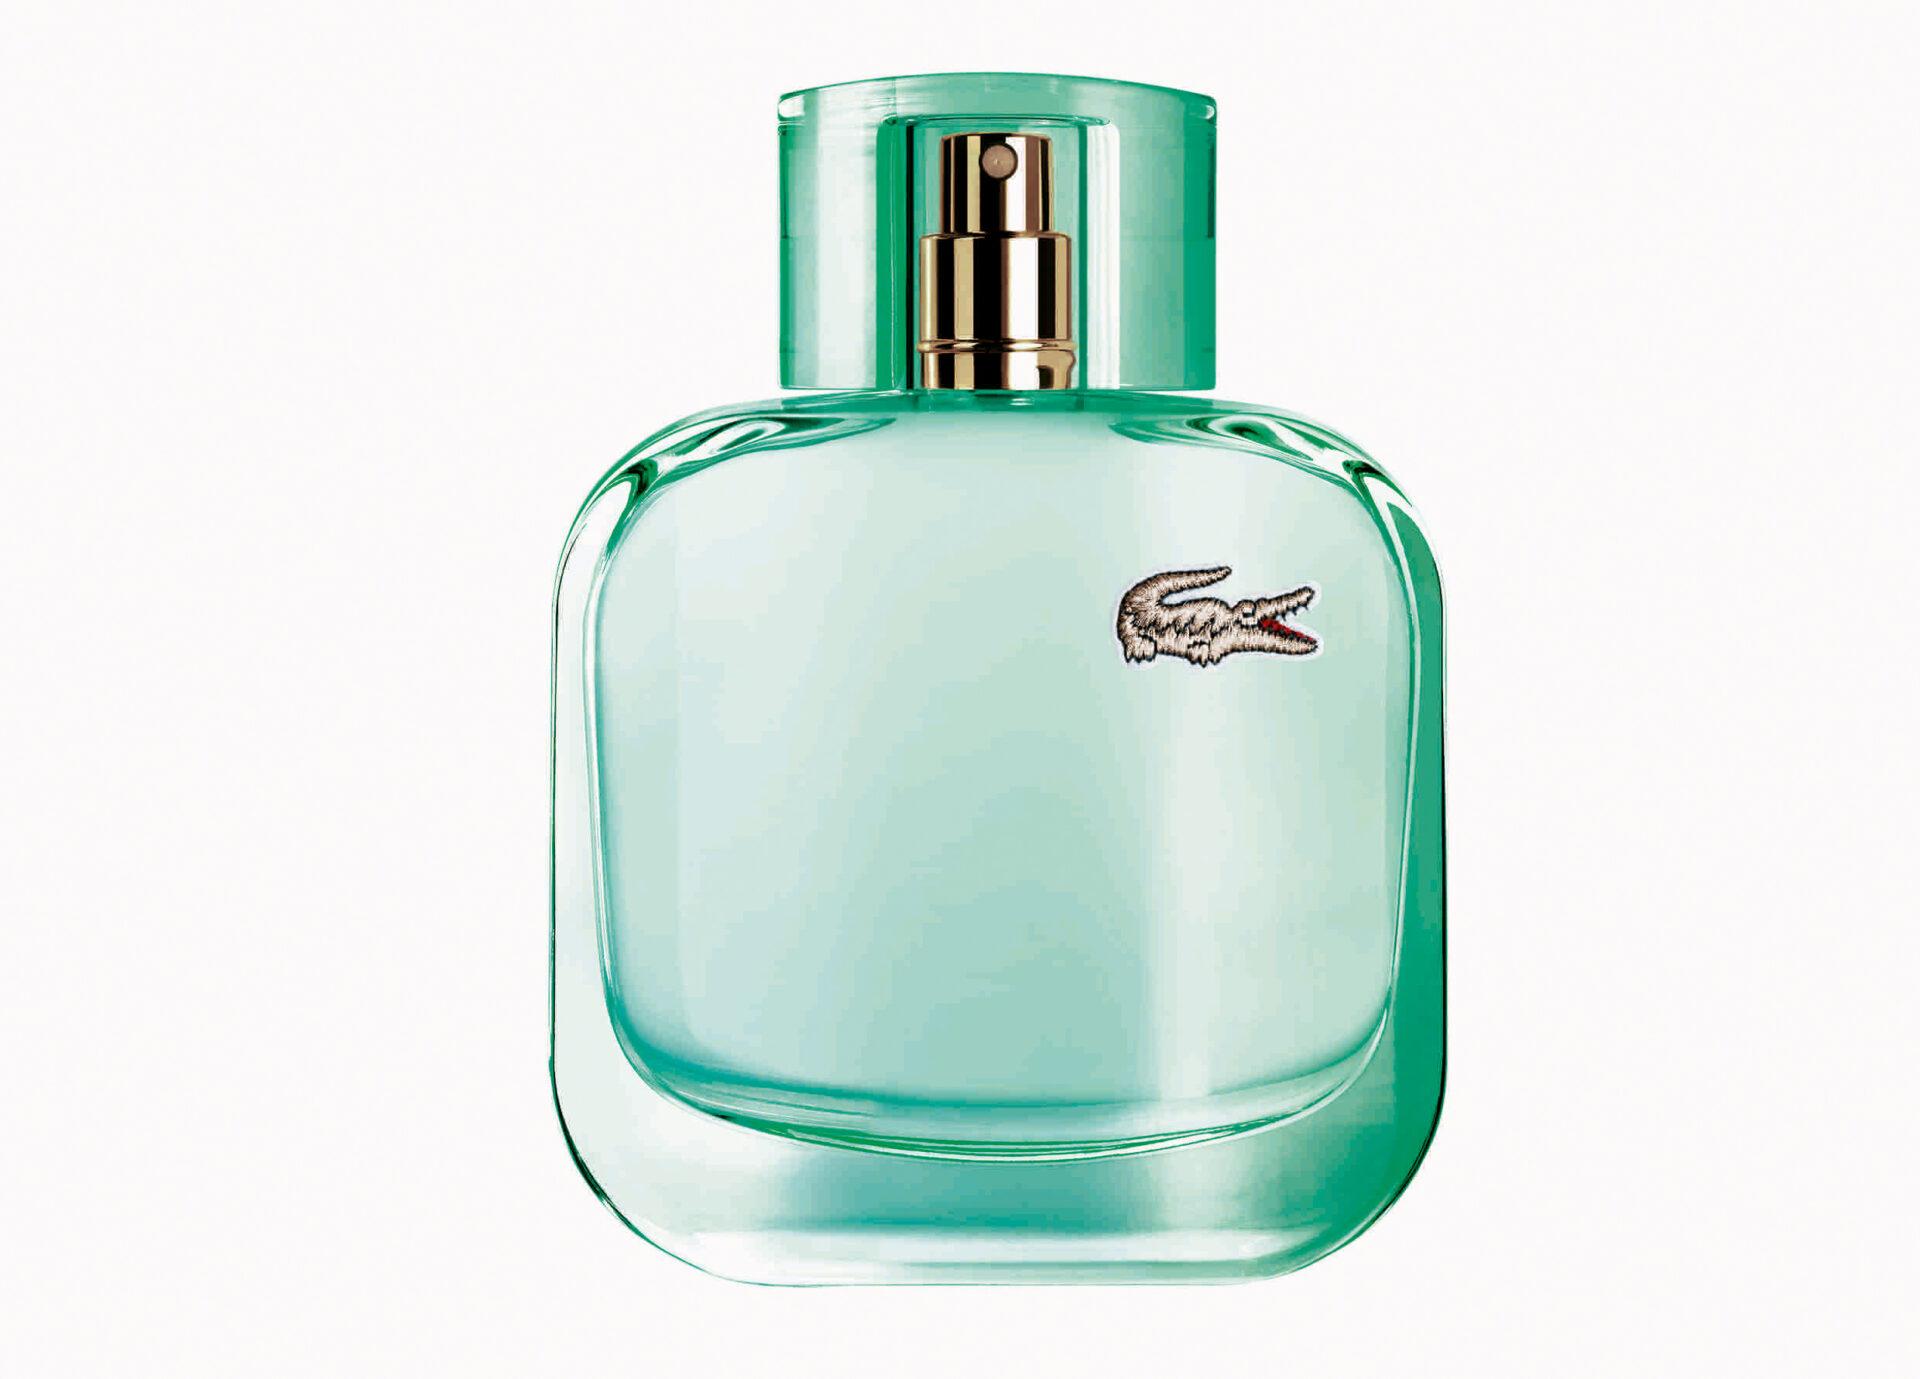 Natural fragrance from the EAU DE LACOSTE L.12.12 Pour Elle collection.